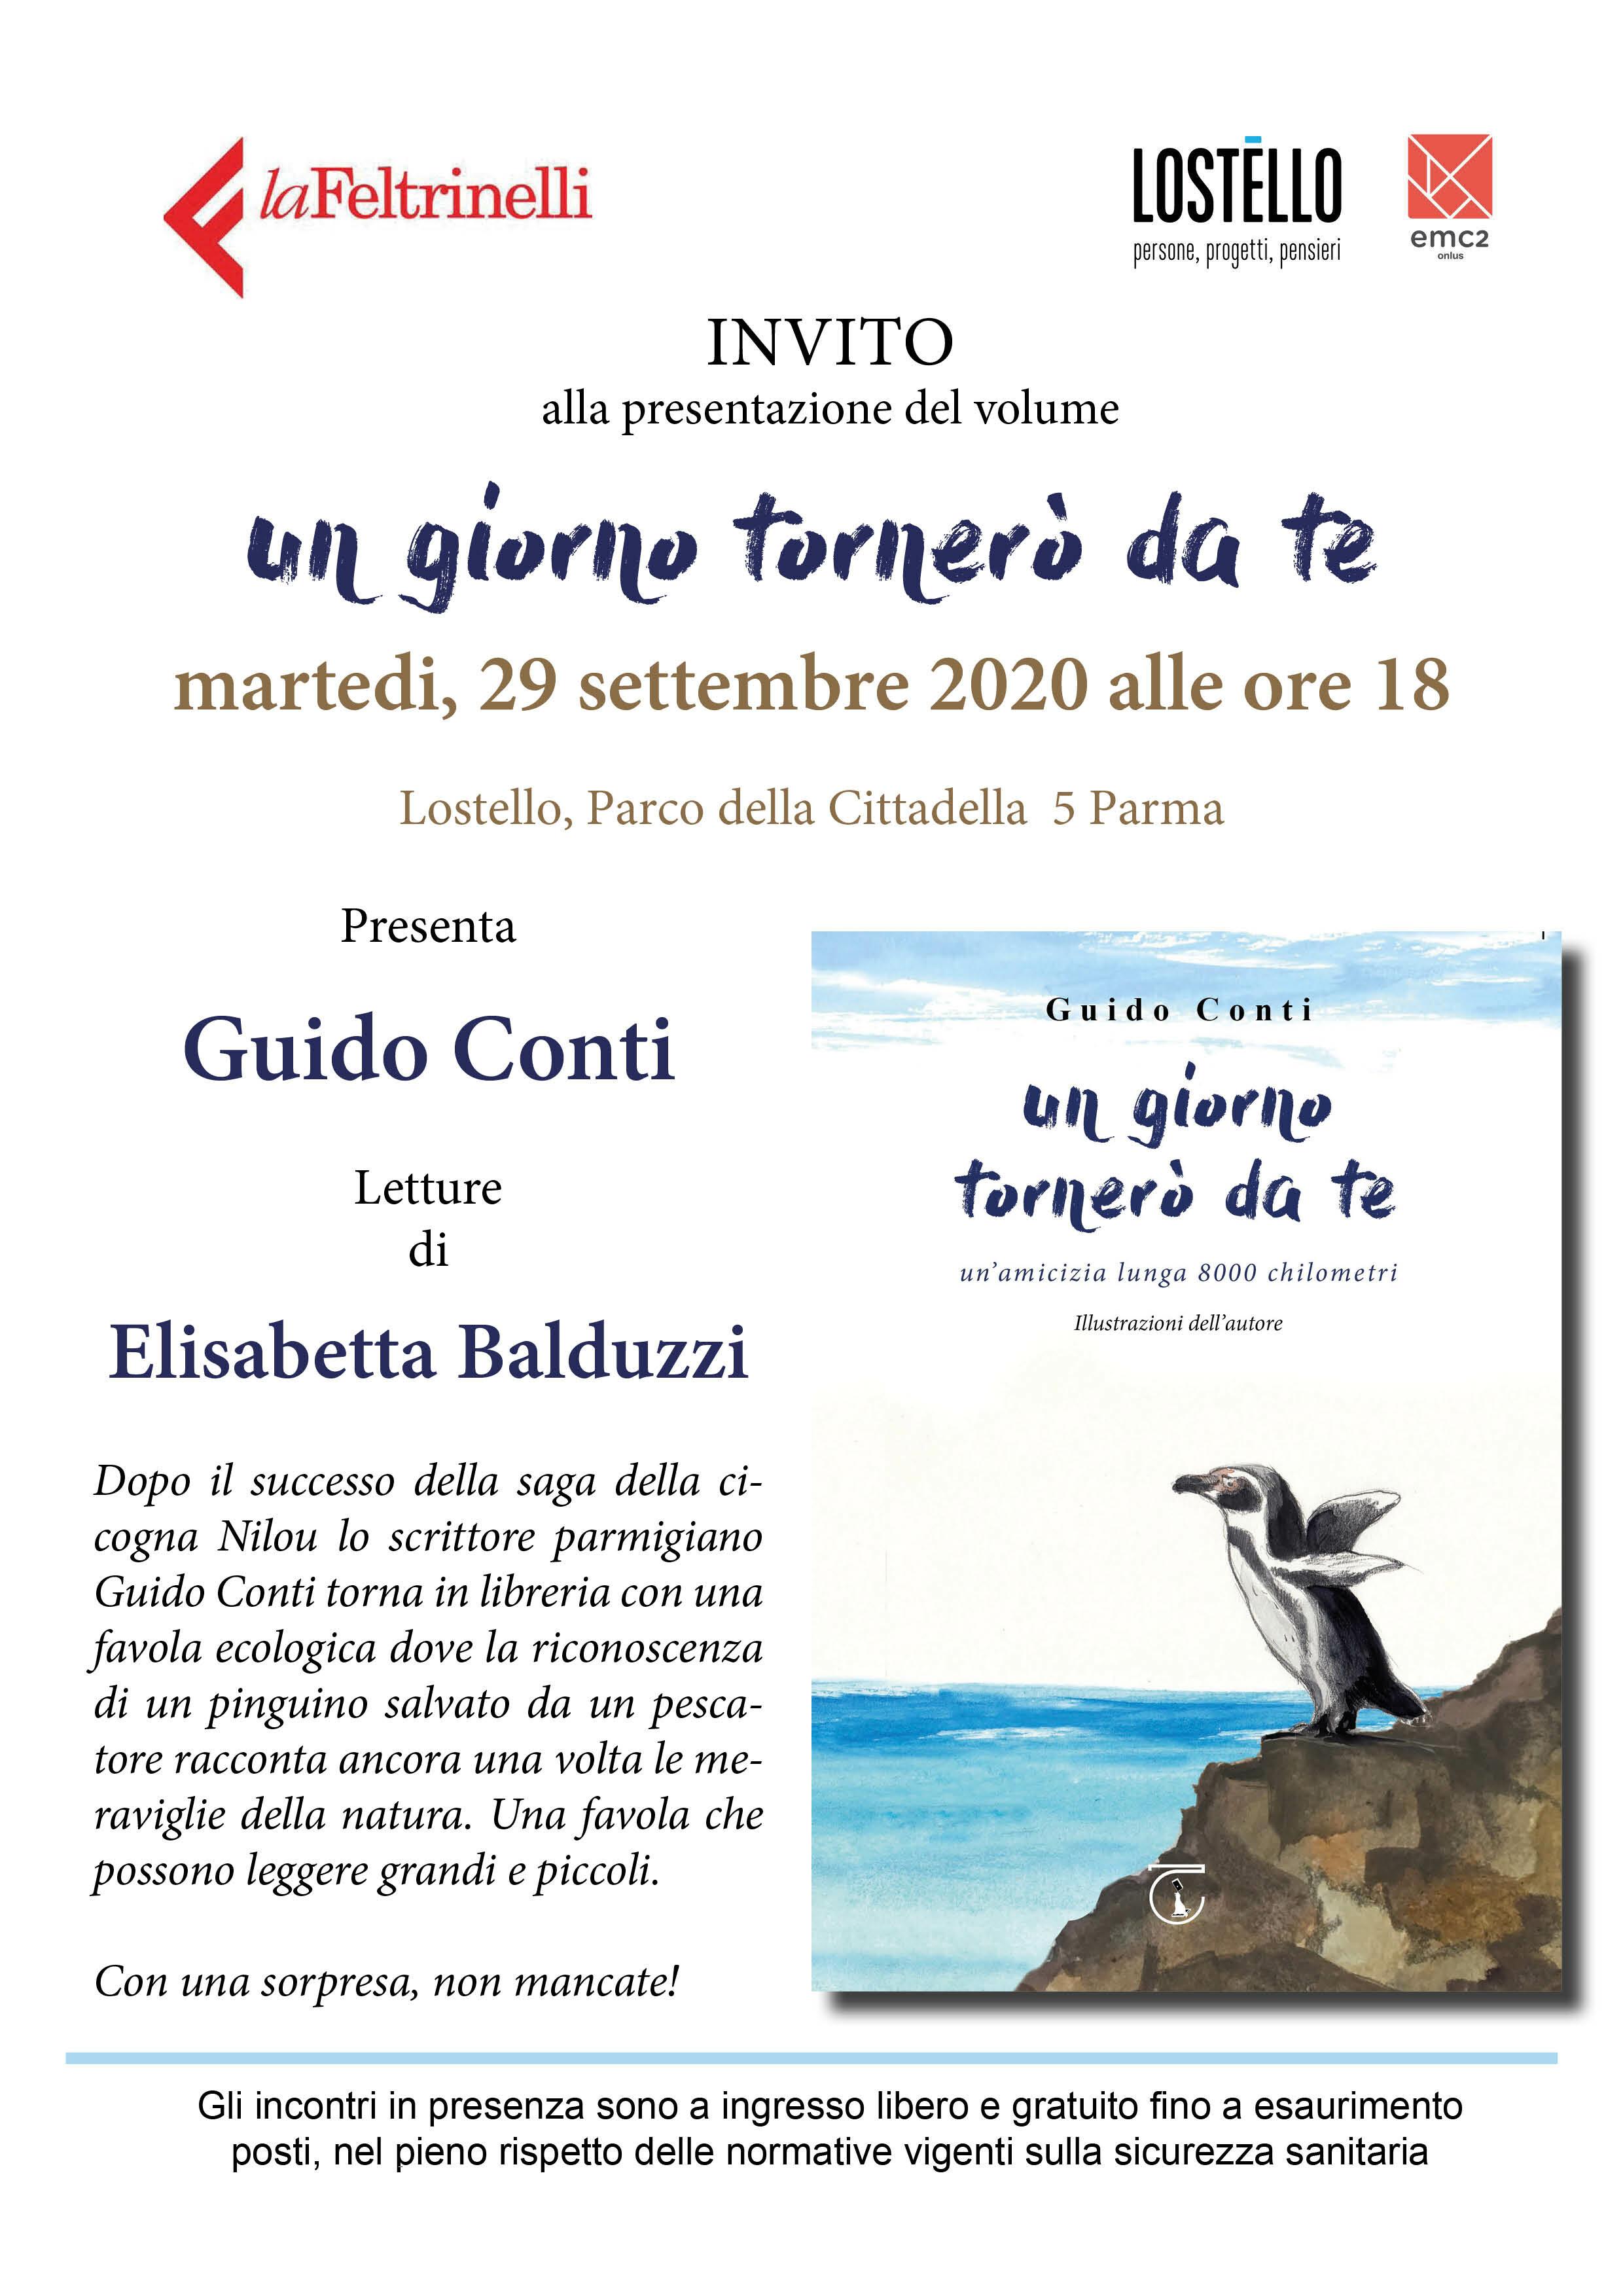 Presentazione del libro del parmigiano Guido Conti a LOSTELLO